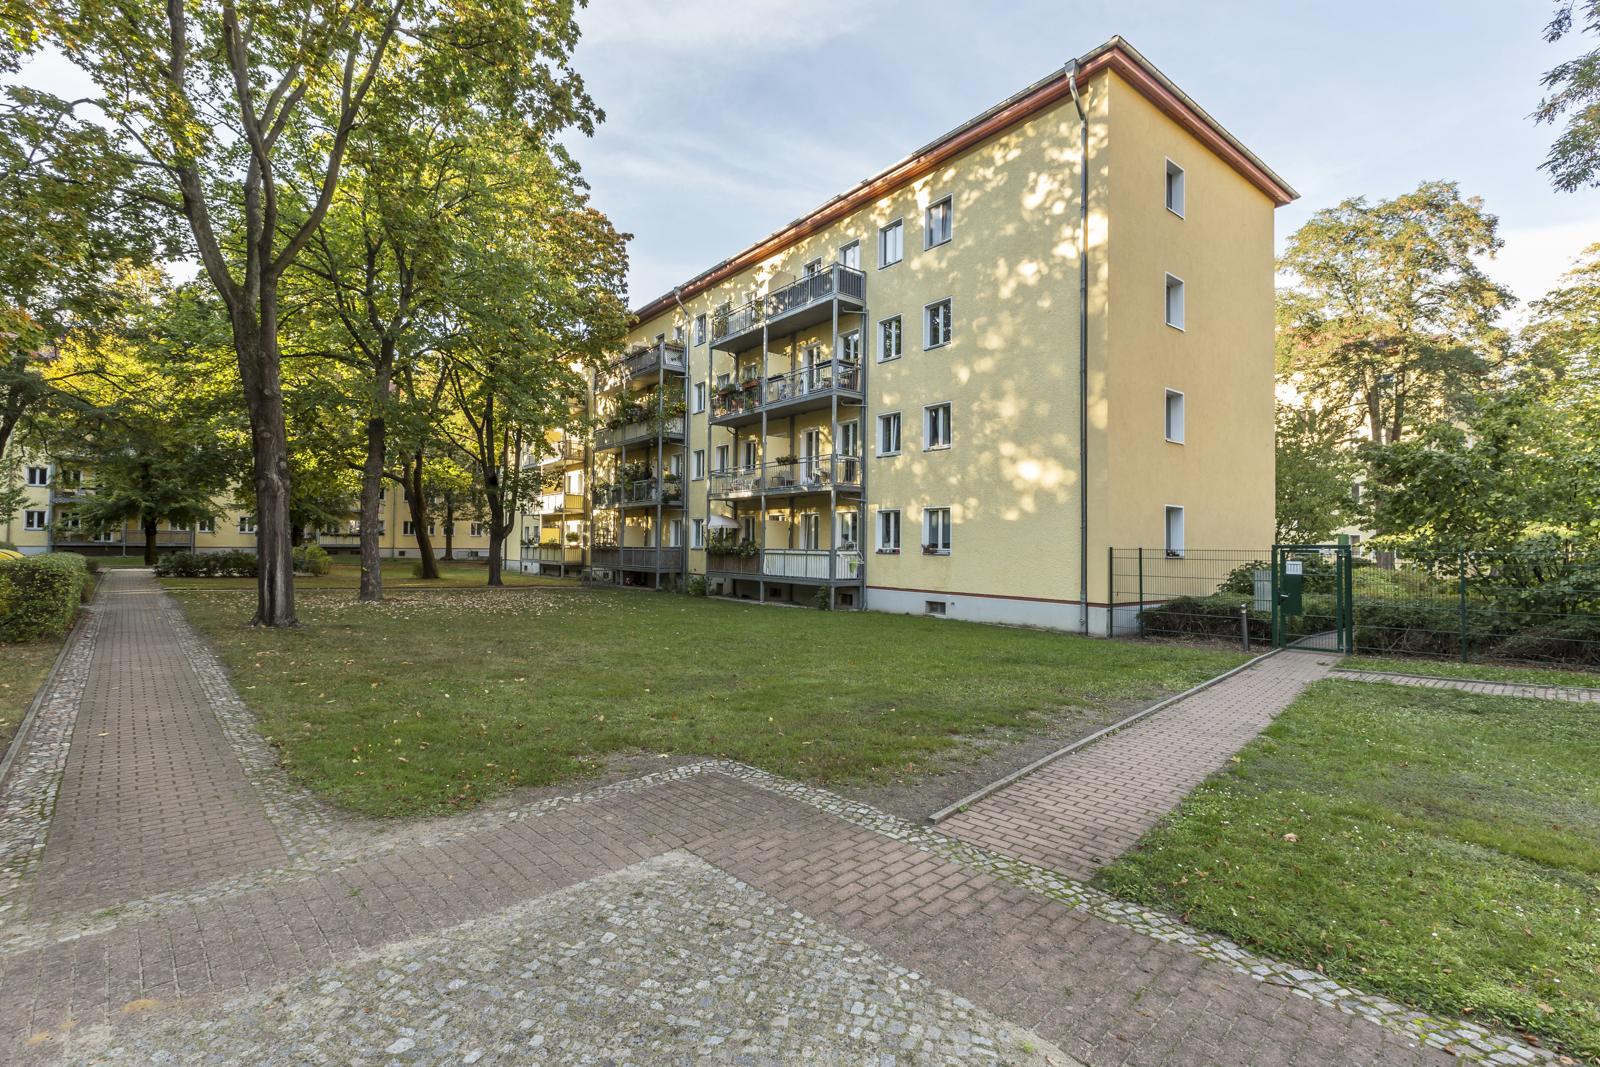 Ingo_Lawaczeck_Mähren_Lindenhoekweg_5-3